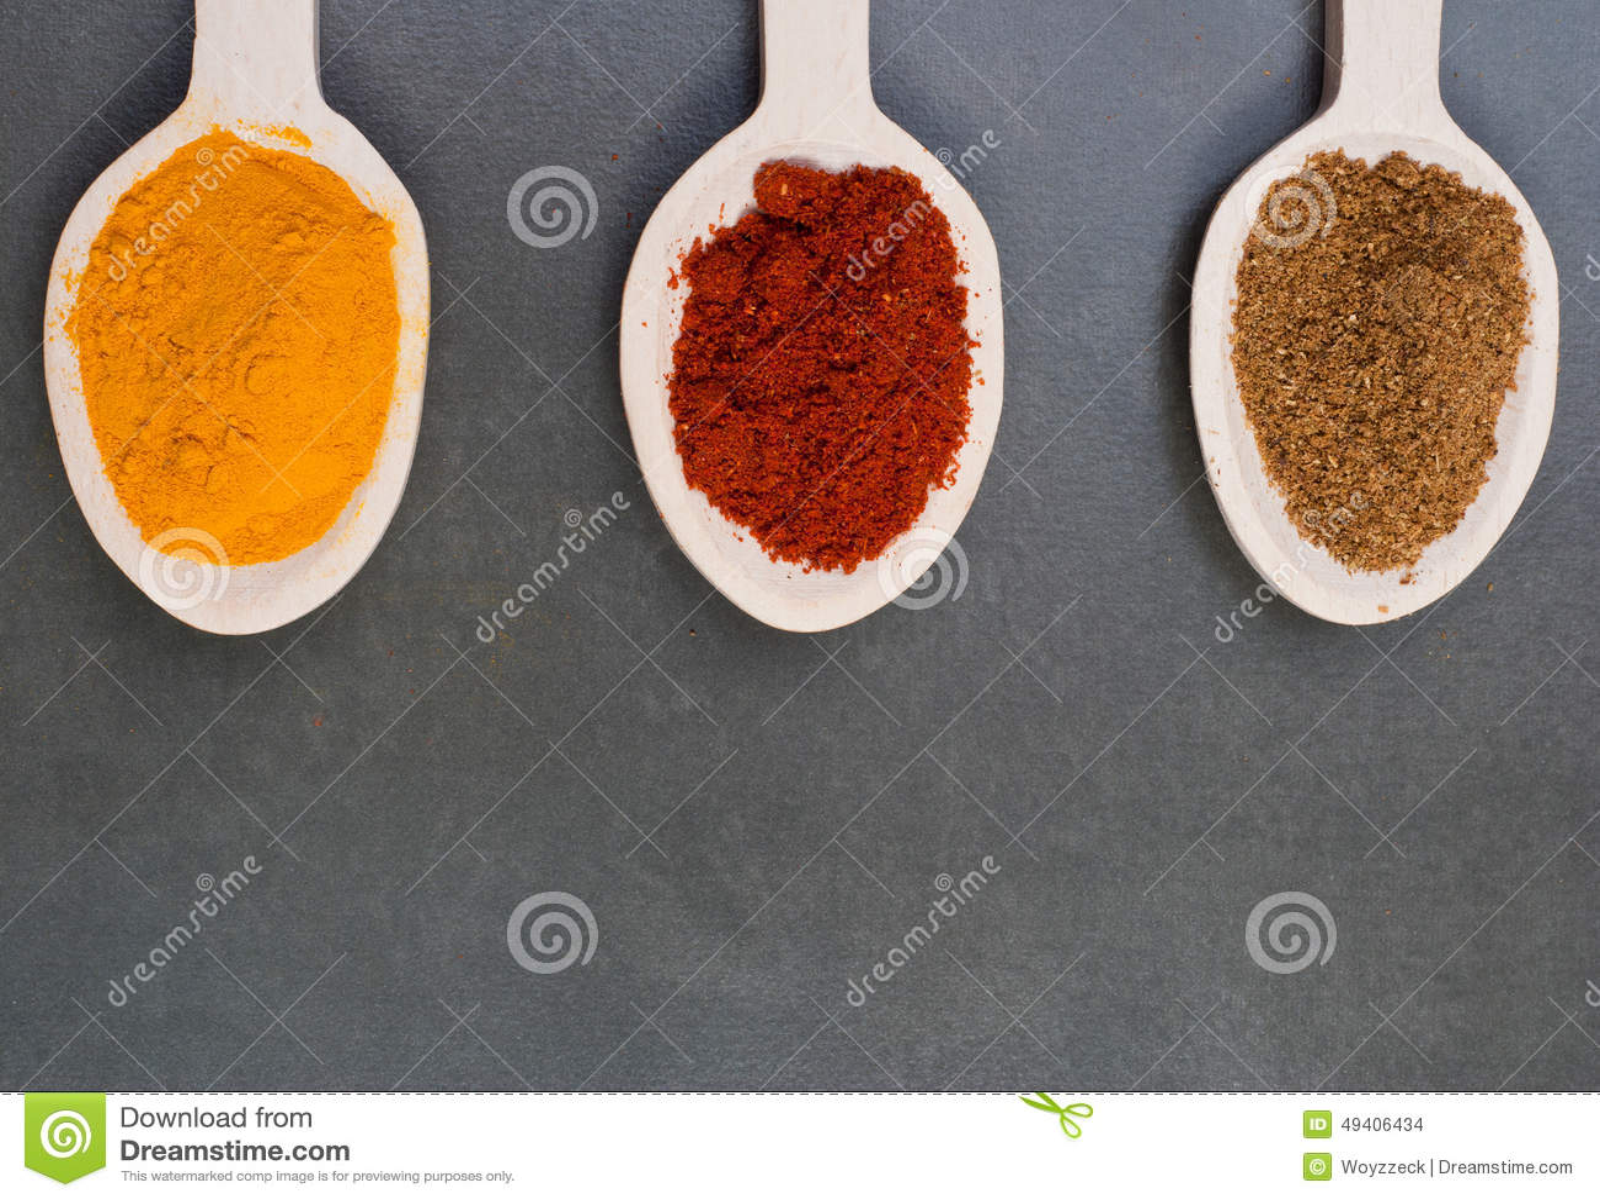 Download Gewürze stockfoto. Bild von küche, nahrung, bestandteil - 49406434